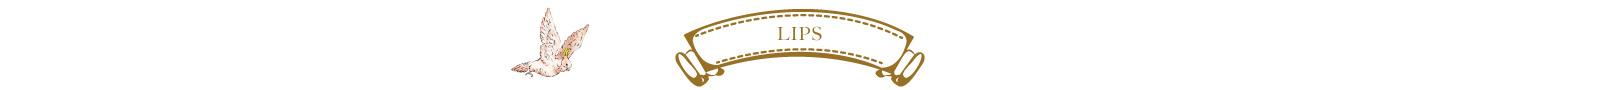 Laduree Lips